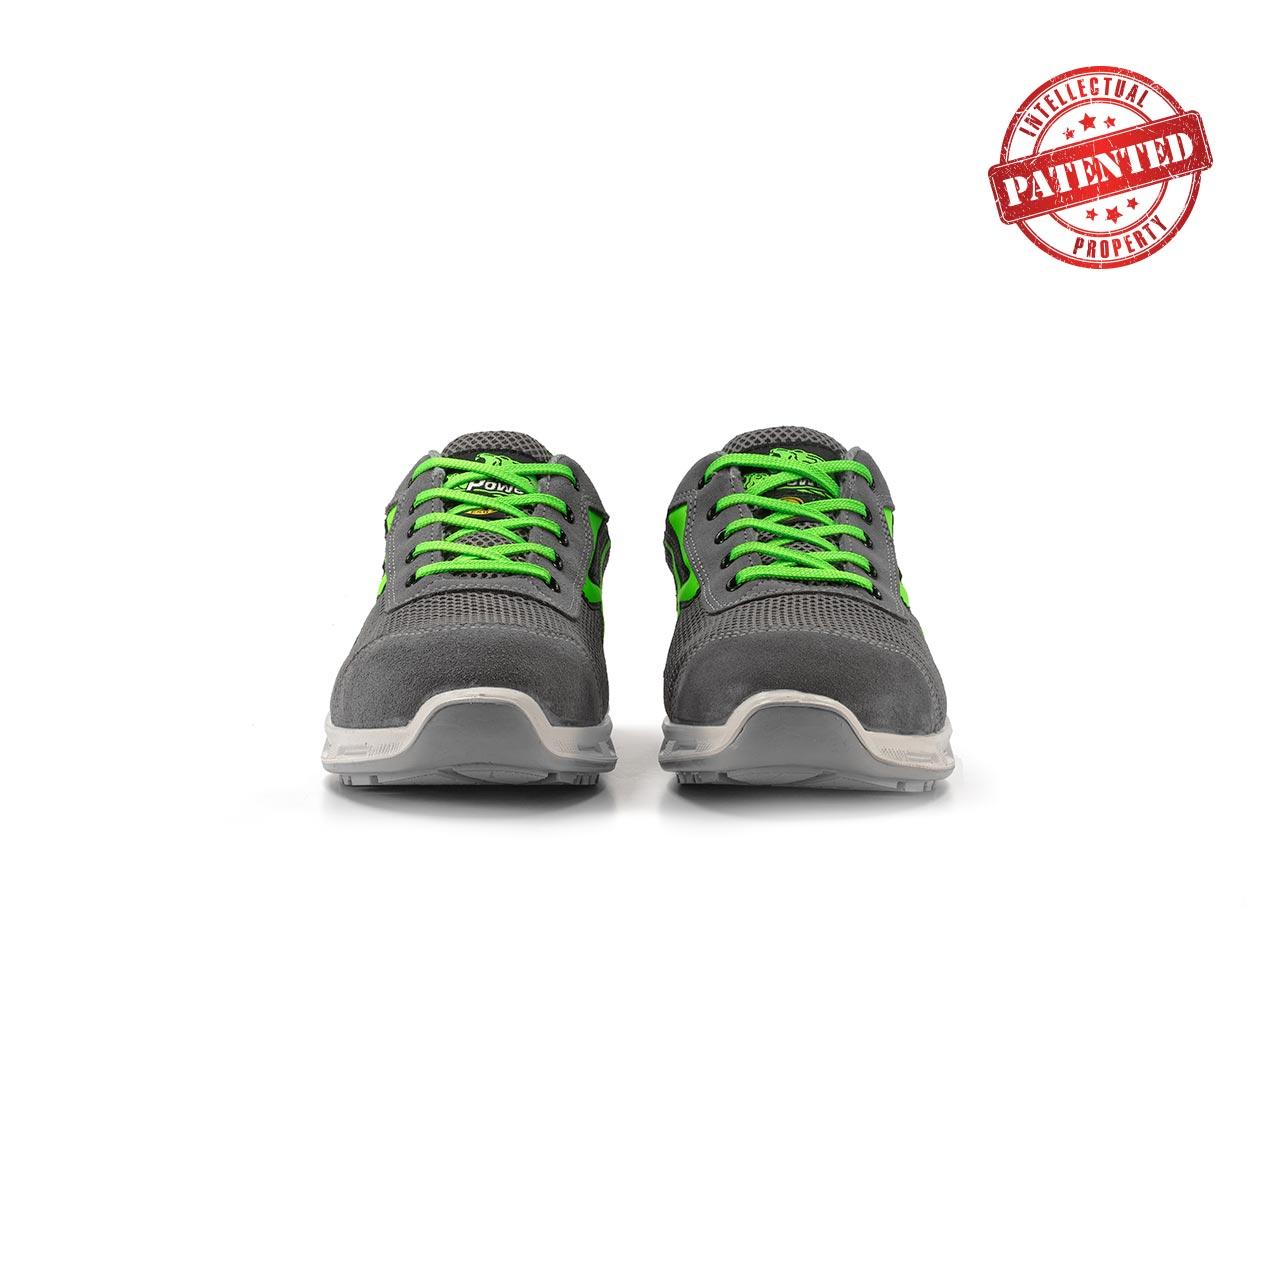 paio di scarpe antinfortunistiche upower modello summer linea redlion vista frontale